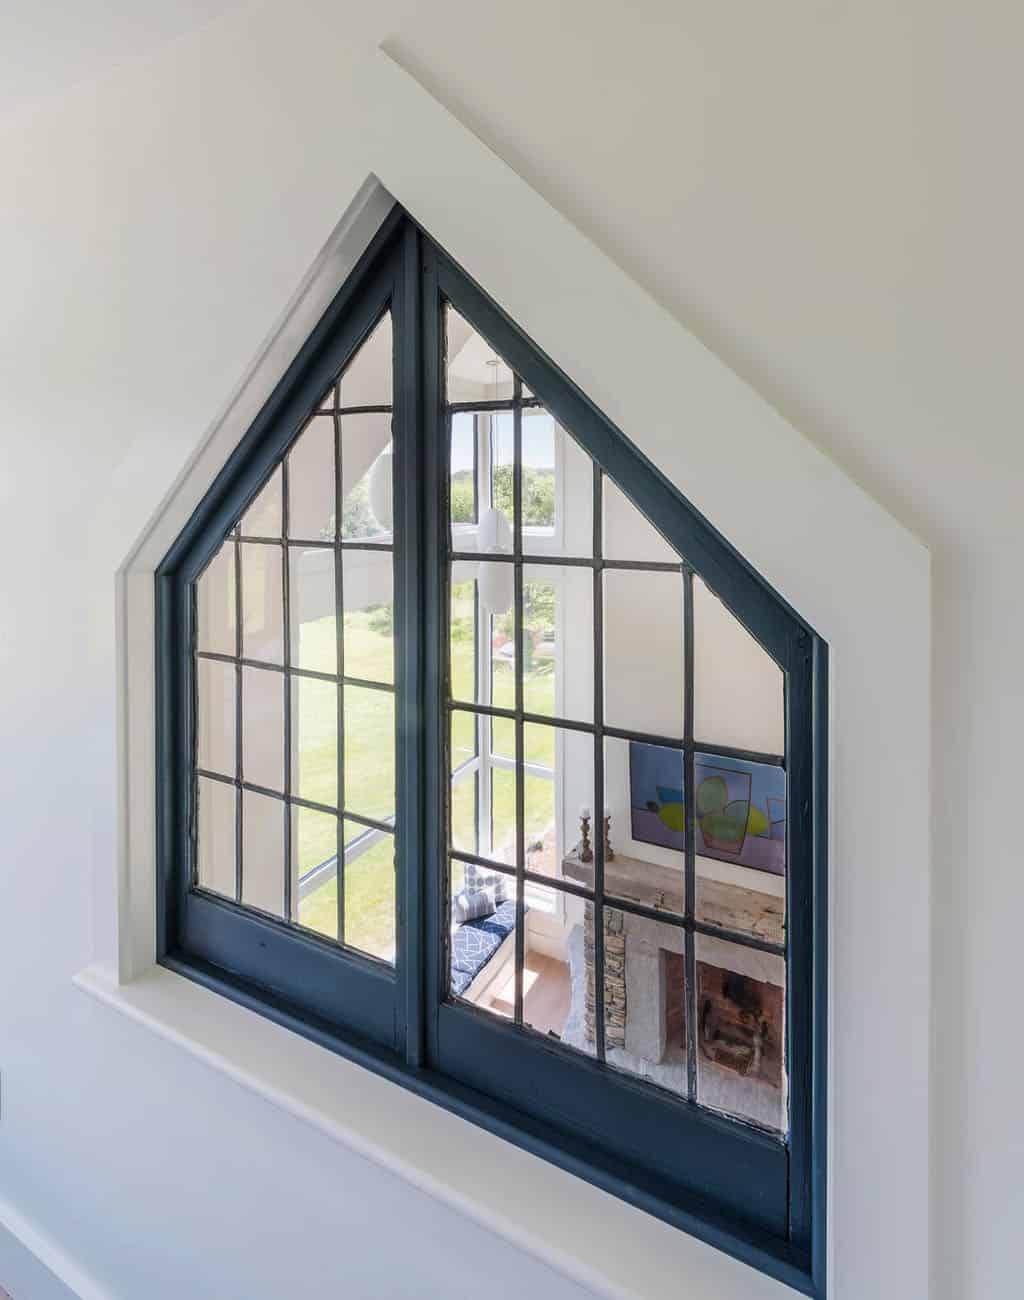 ferme-moderne-récupérée-fenêtre-donnant-salle-de-séjour